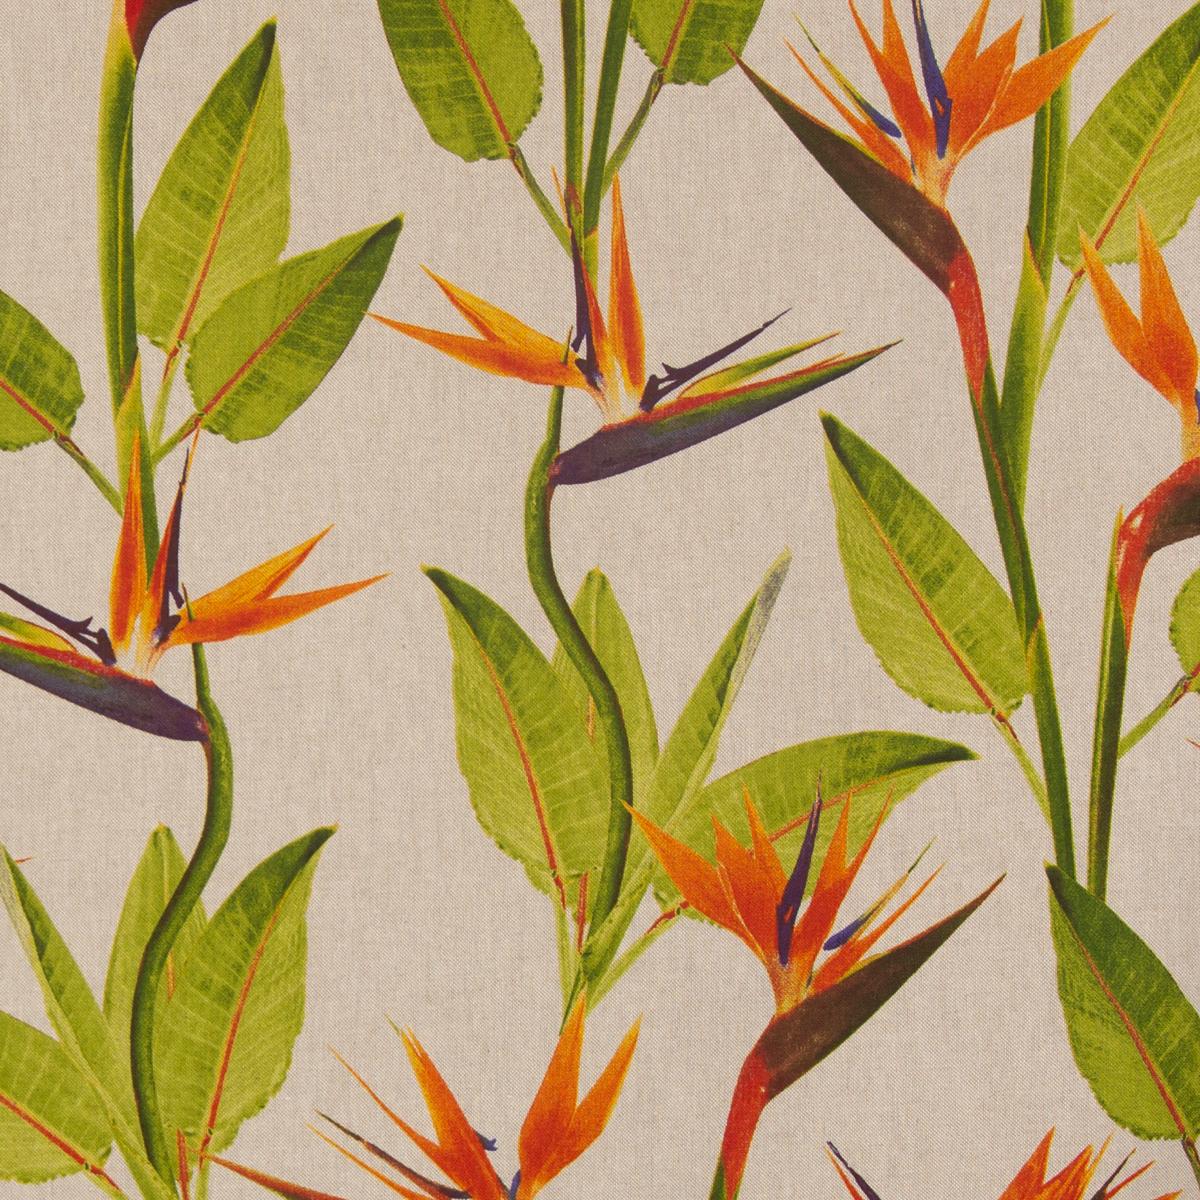 Dekostoff Leinenoptik Blumen Blätter beige grün orange 1,40m Breite